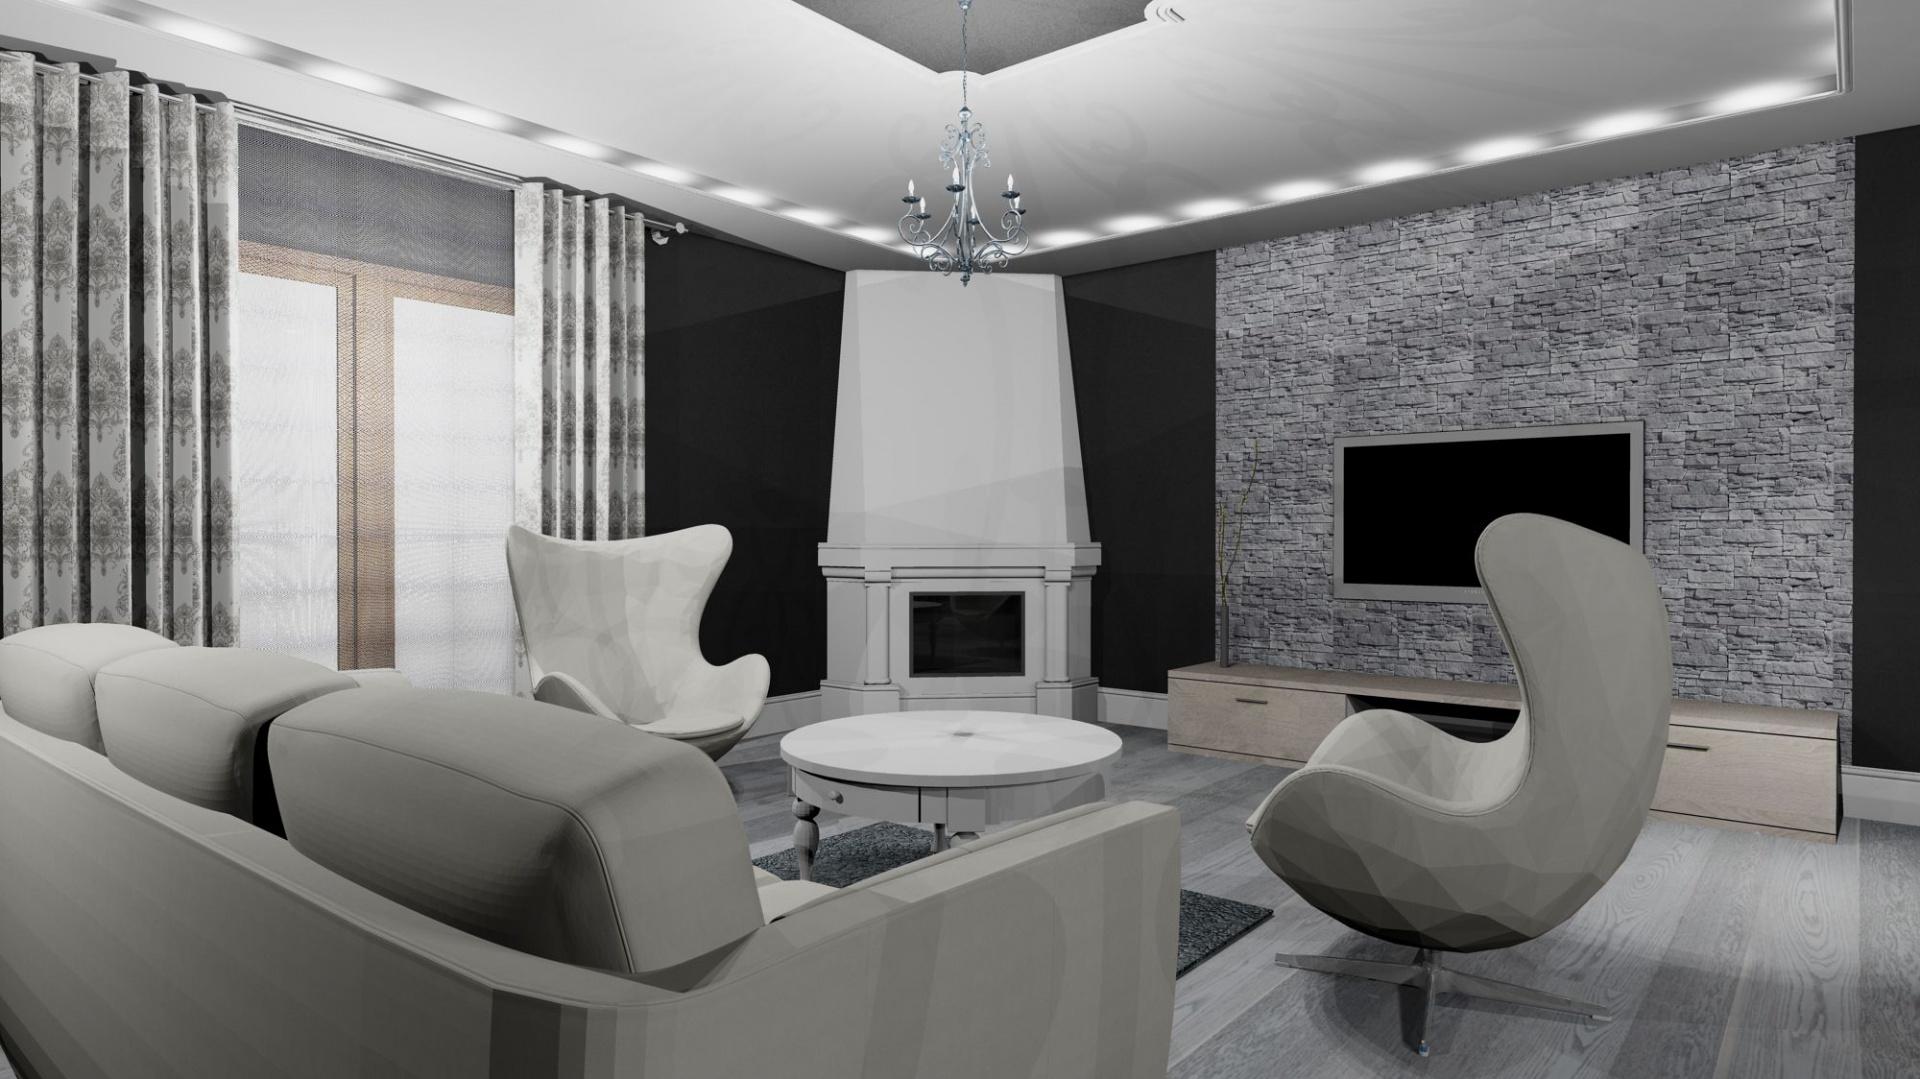 Salon czarno-biały w stylu retro. Fot. Archiwum projektantki